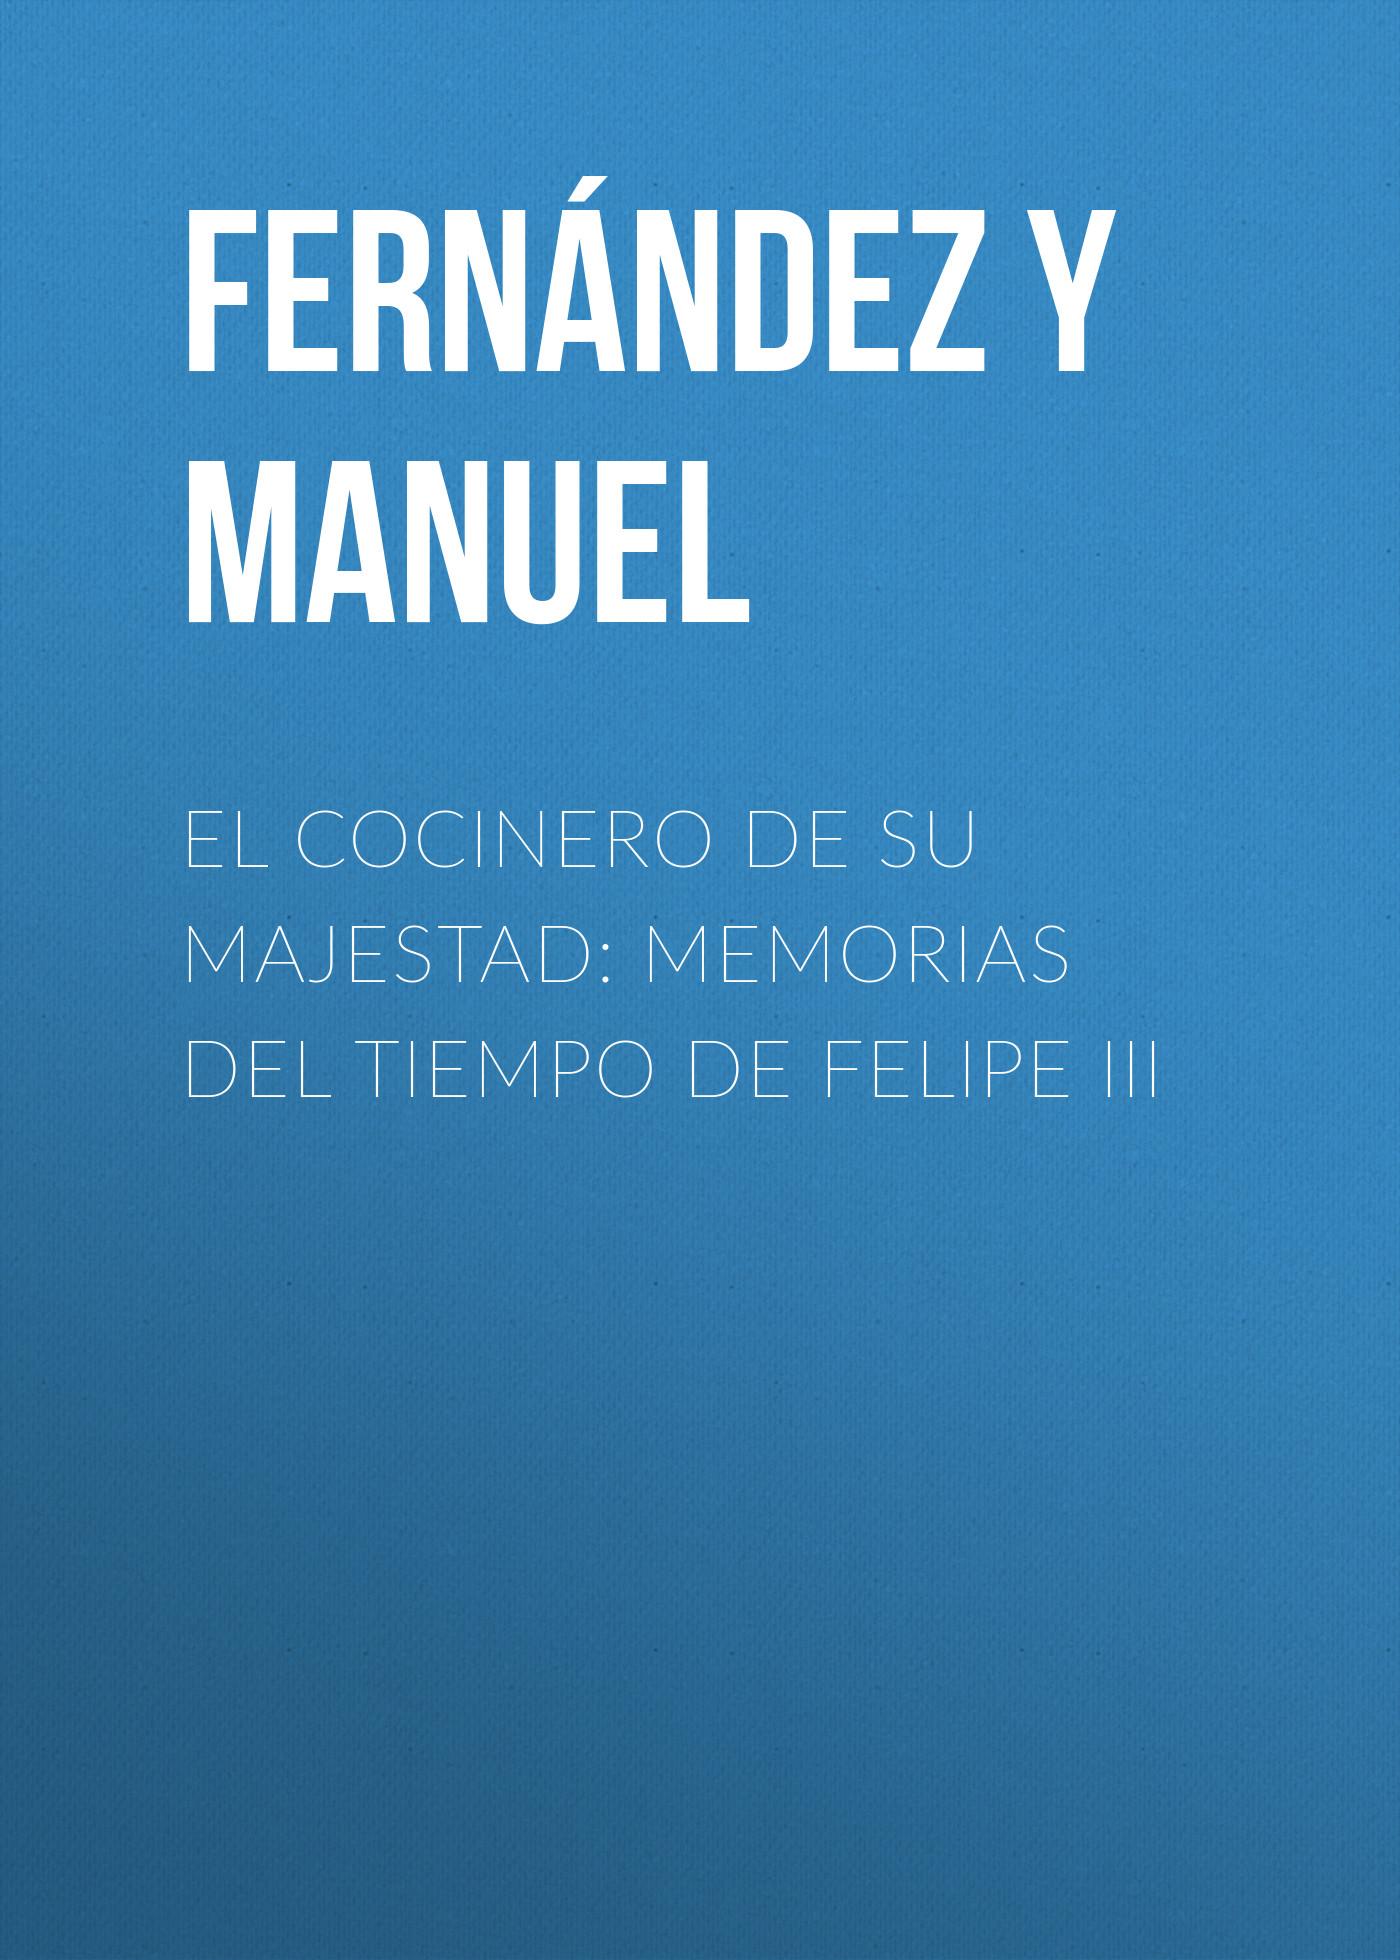 Fernández y González Manuel El cocinero de su majestad: Memorias del tiempo de Felipe III alejandro fernández torrelavega